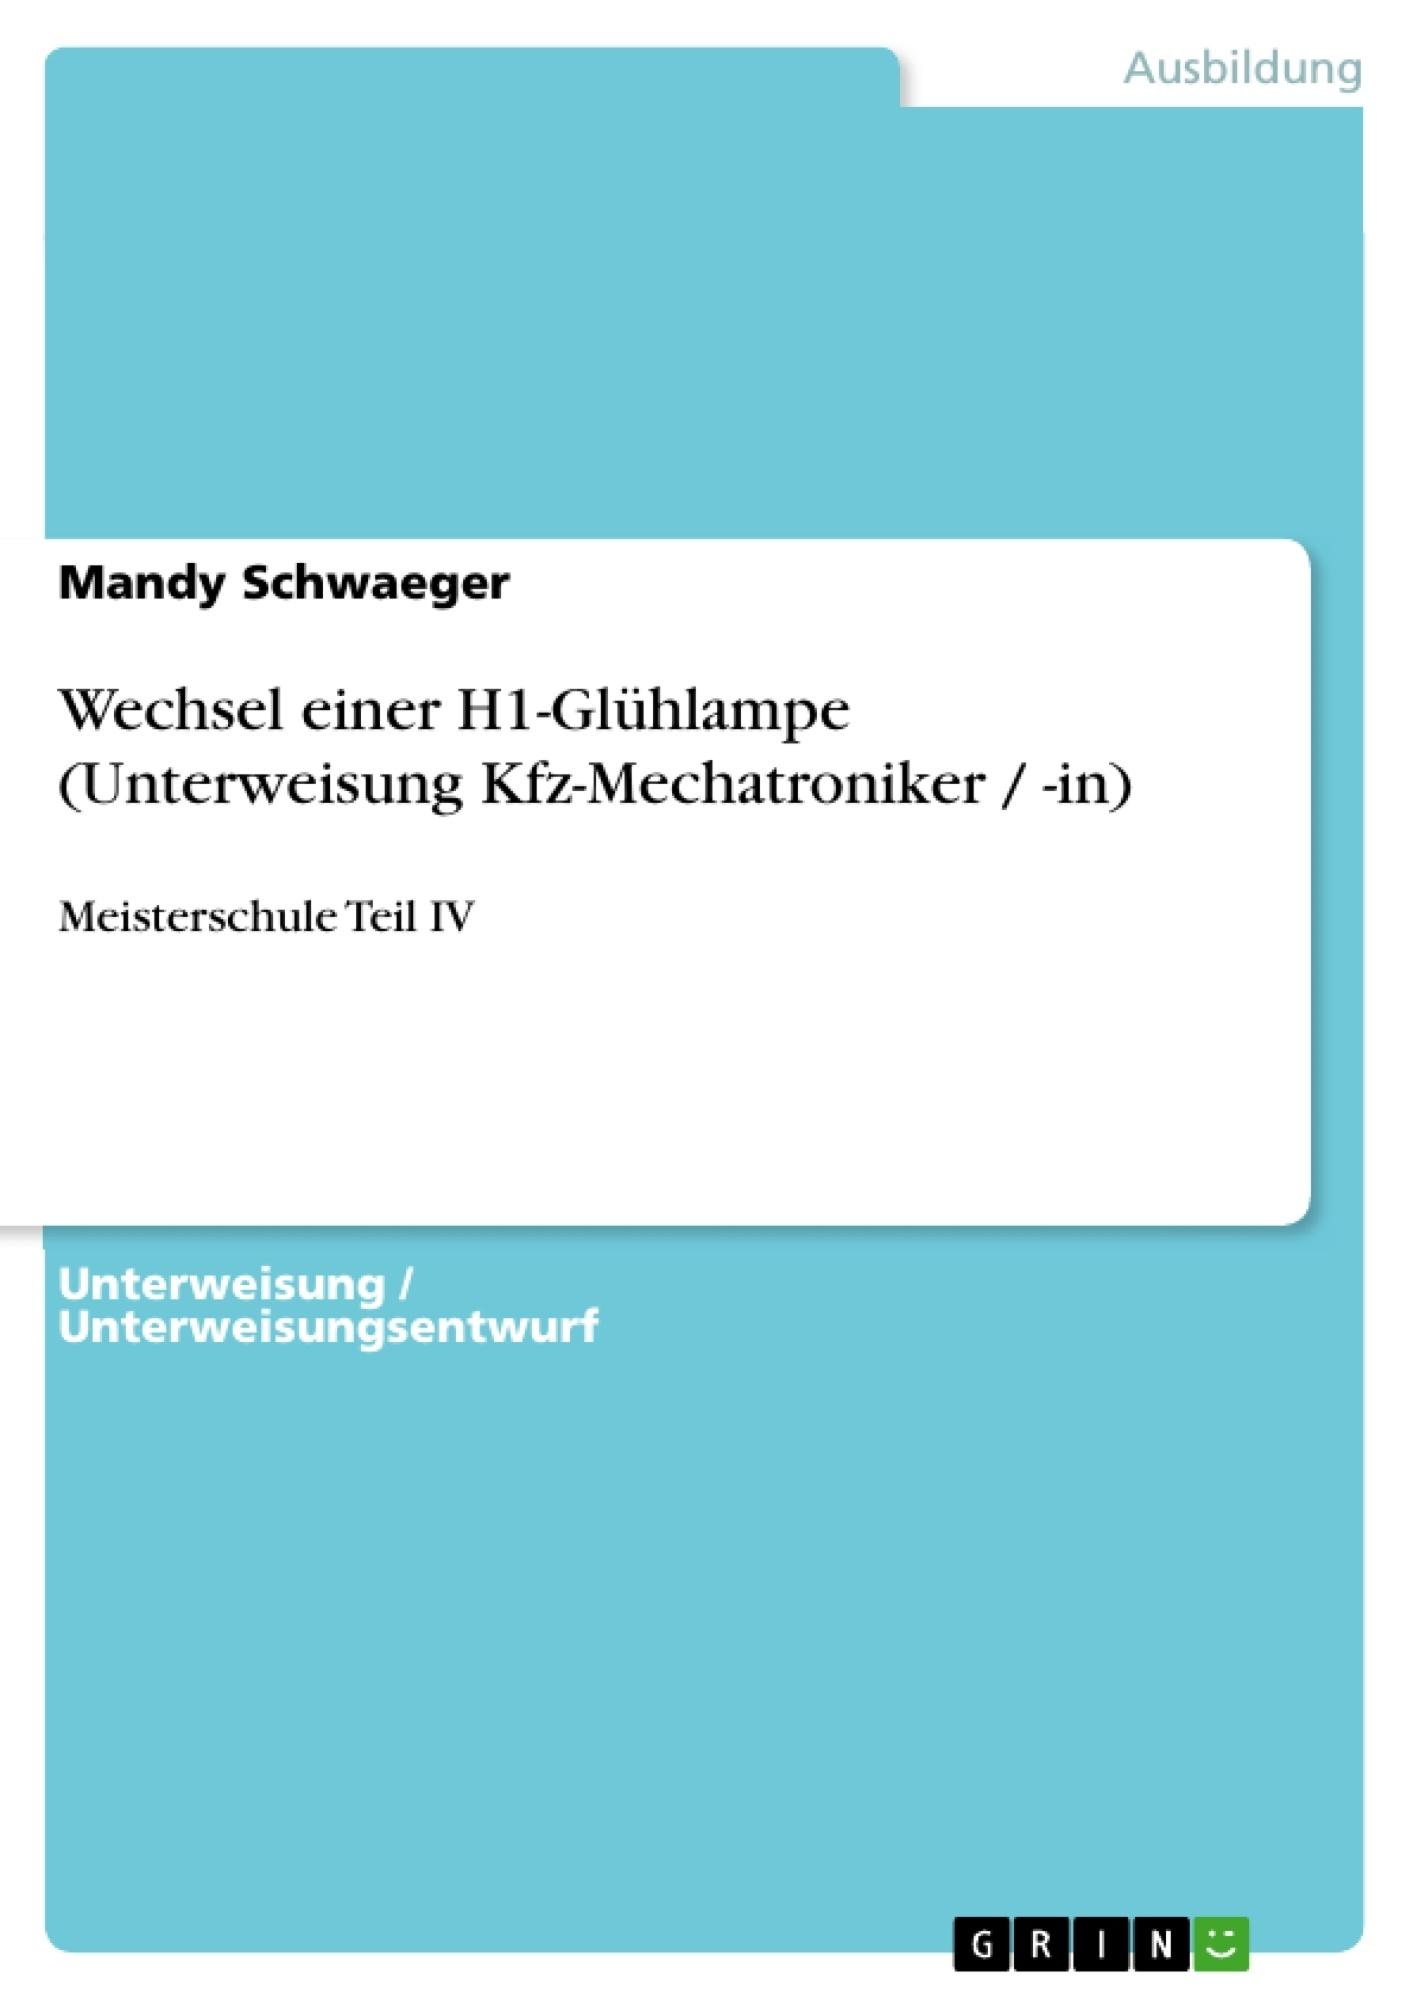 Titel: Wechsel einer H1-Glühlampe (Unterweisung Kfz-Mechatroniker / -in)